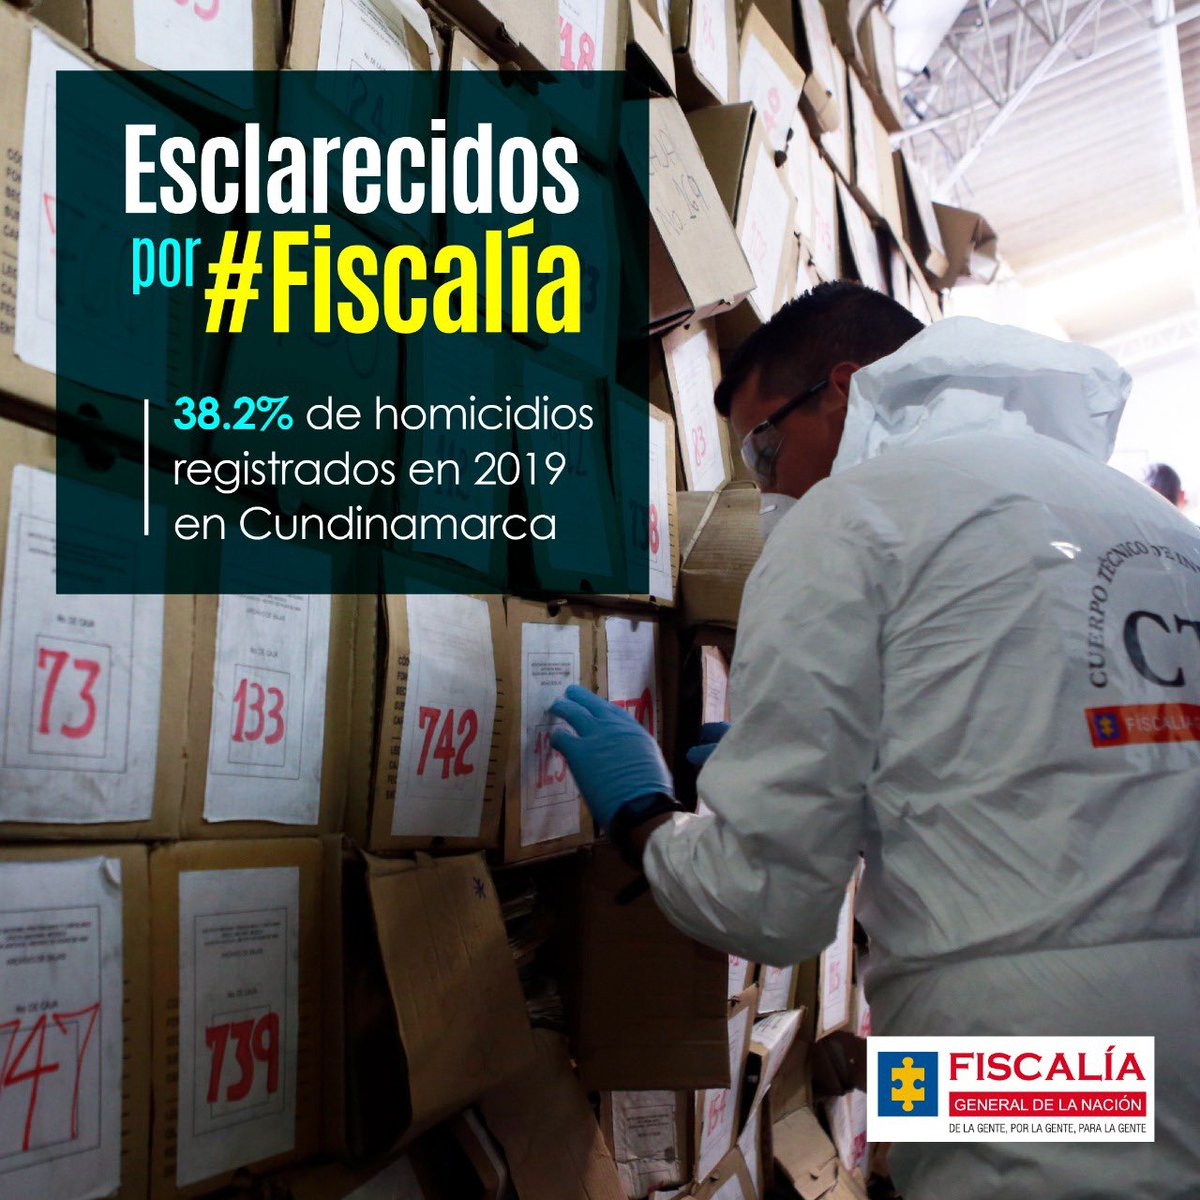 Según #censo delictivo, #Fiscalía, a través de Dirección Seccional #Cundinamarca, esclareció 38.2% de homicidios registrados en lo corrido 2019 en el departamento. De las 191 muertes denunciadas, 73 culminaron con sentenciadas condenatorias. Se han librado 51 órdenes de captura.